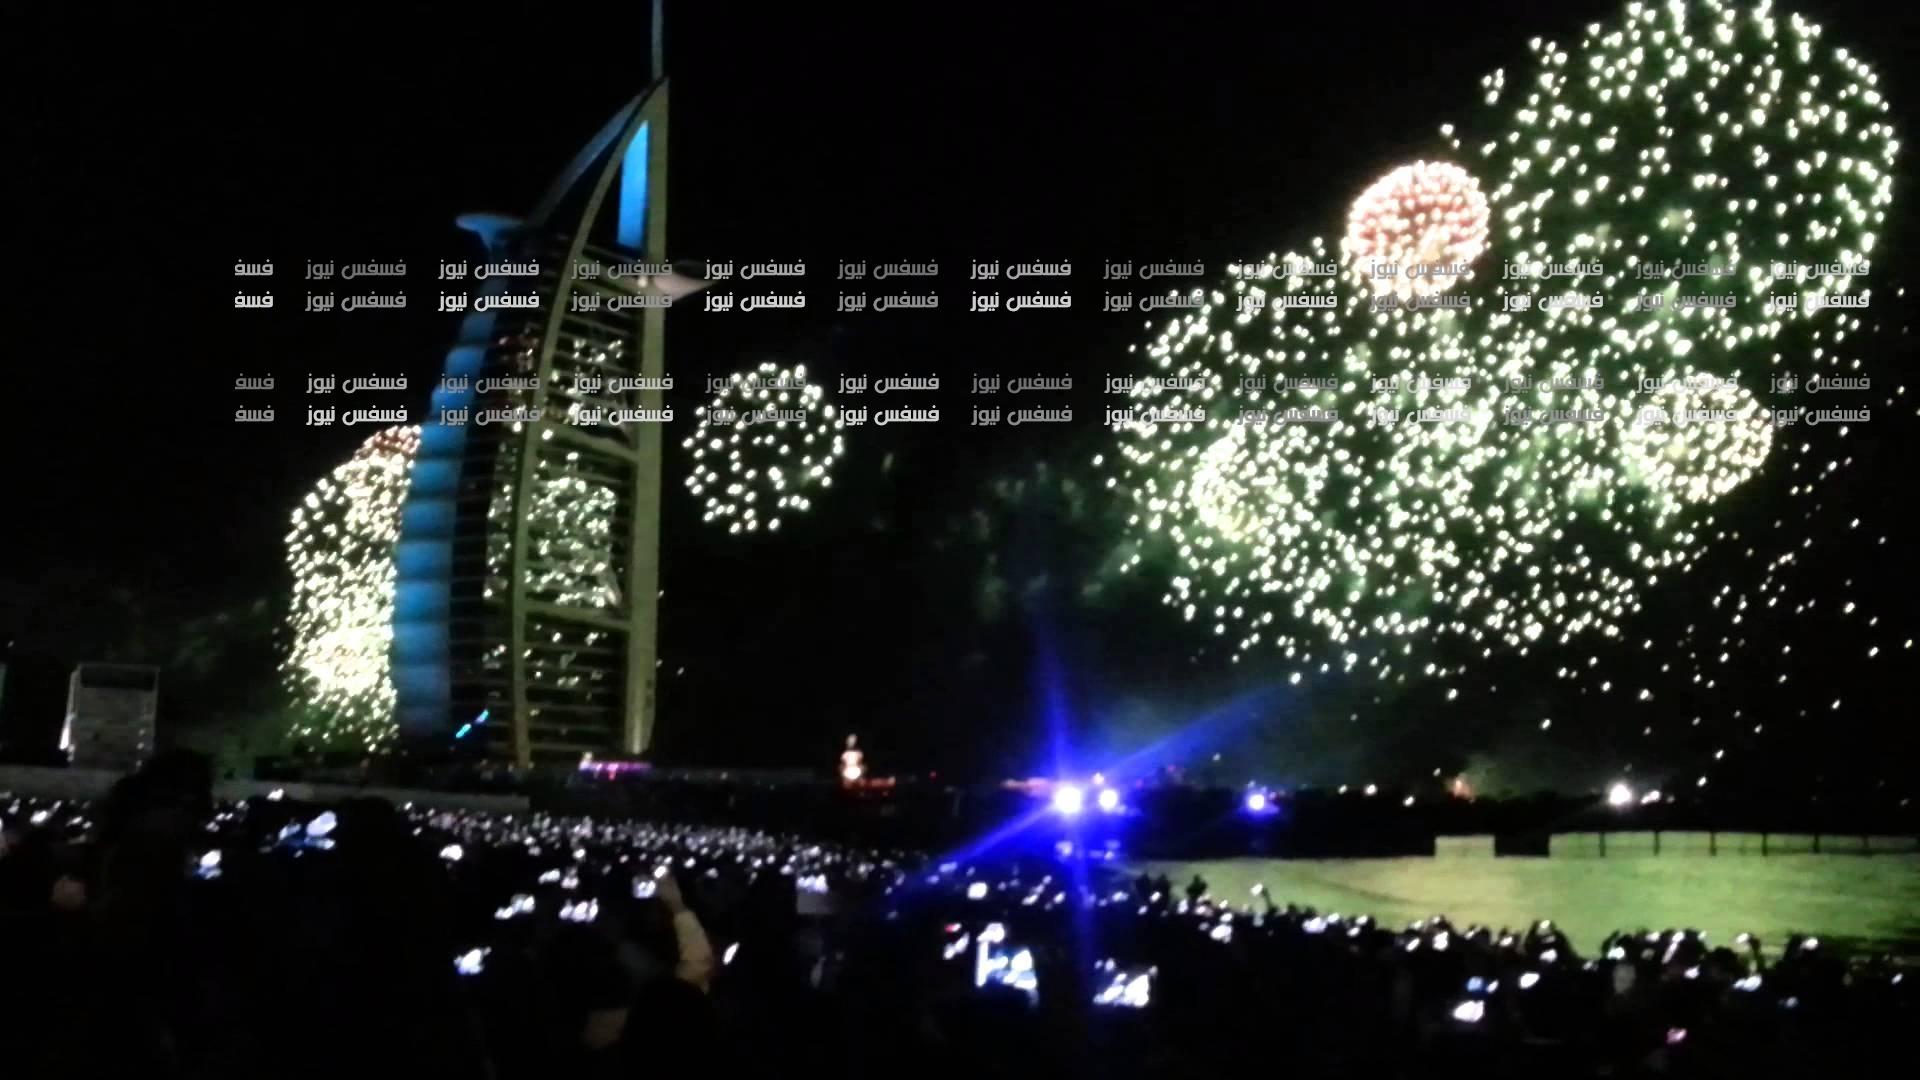 حفلات رأس السنة في الإمارات 2017